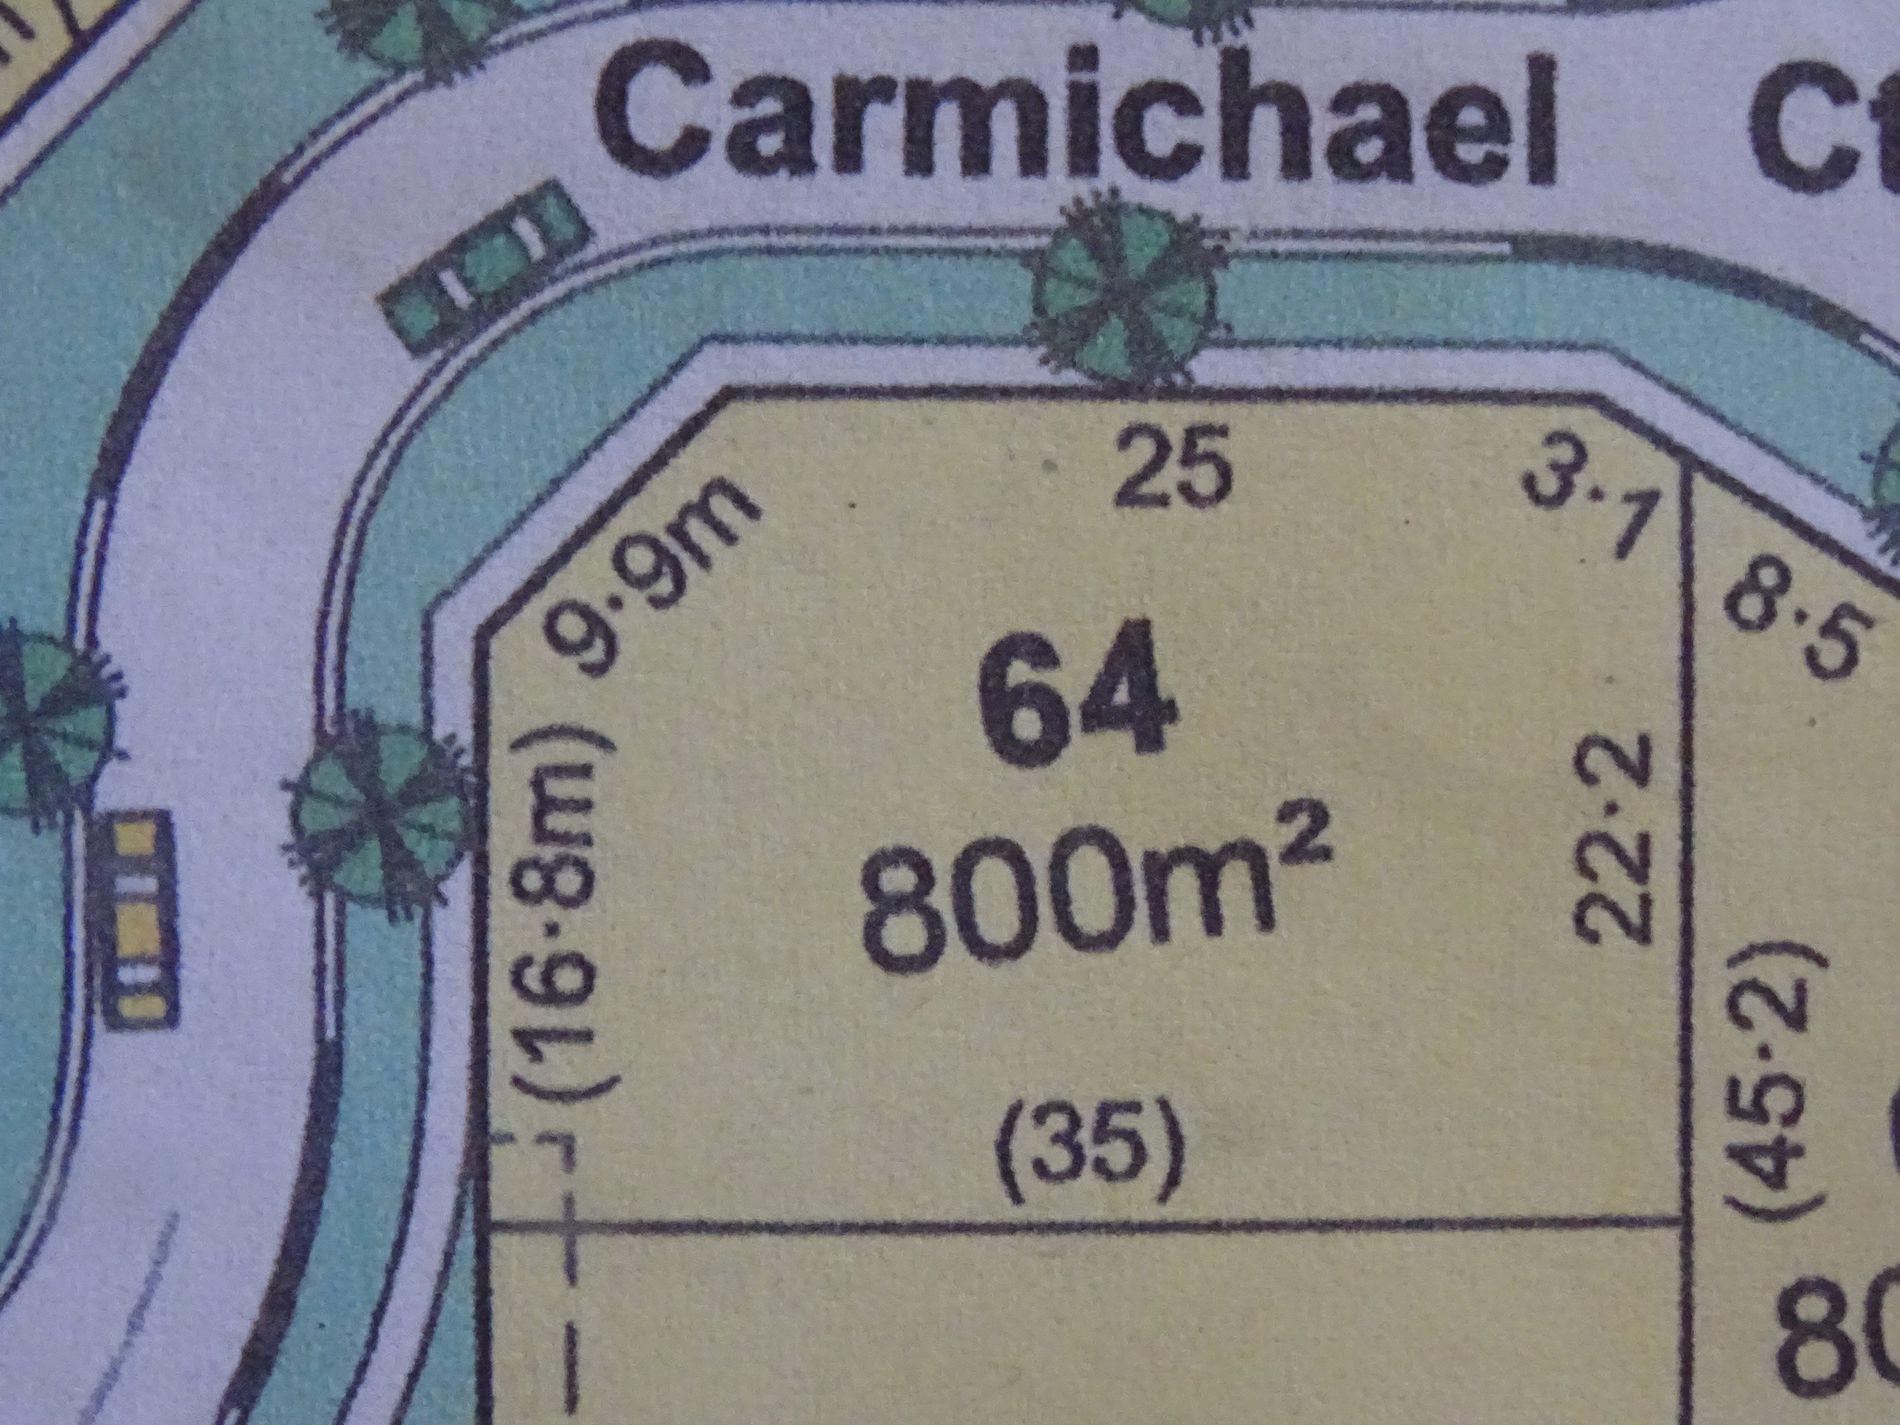 Lot 64 Carmichael Court , Nagambie